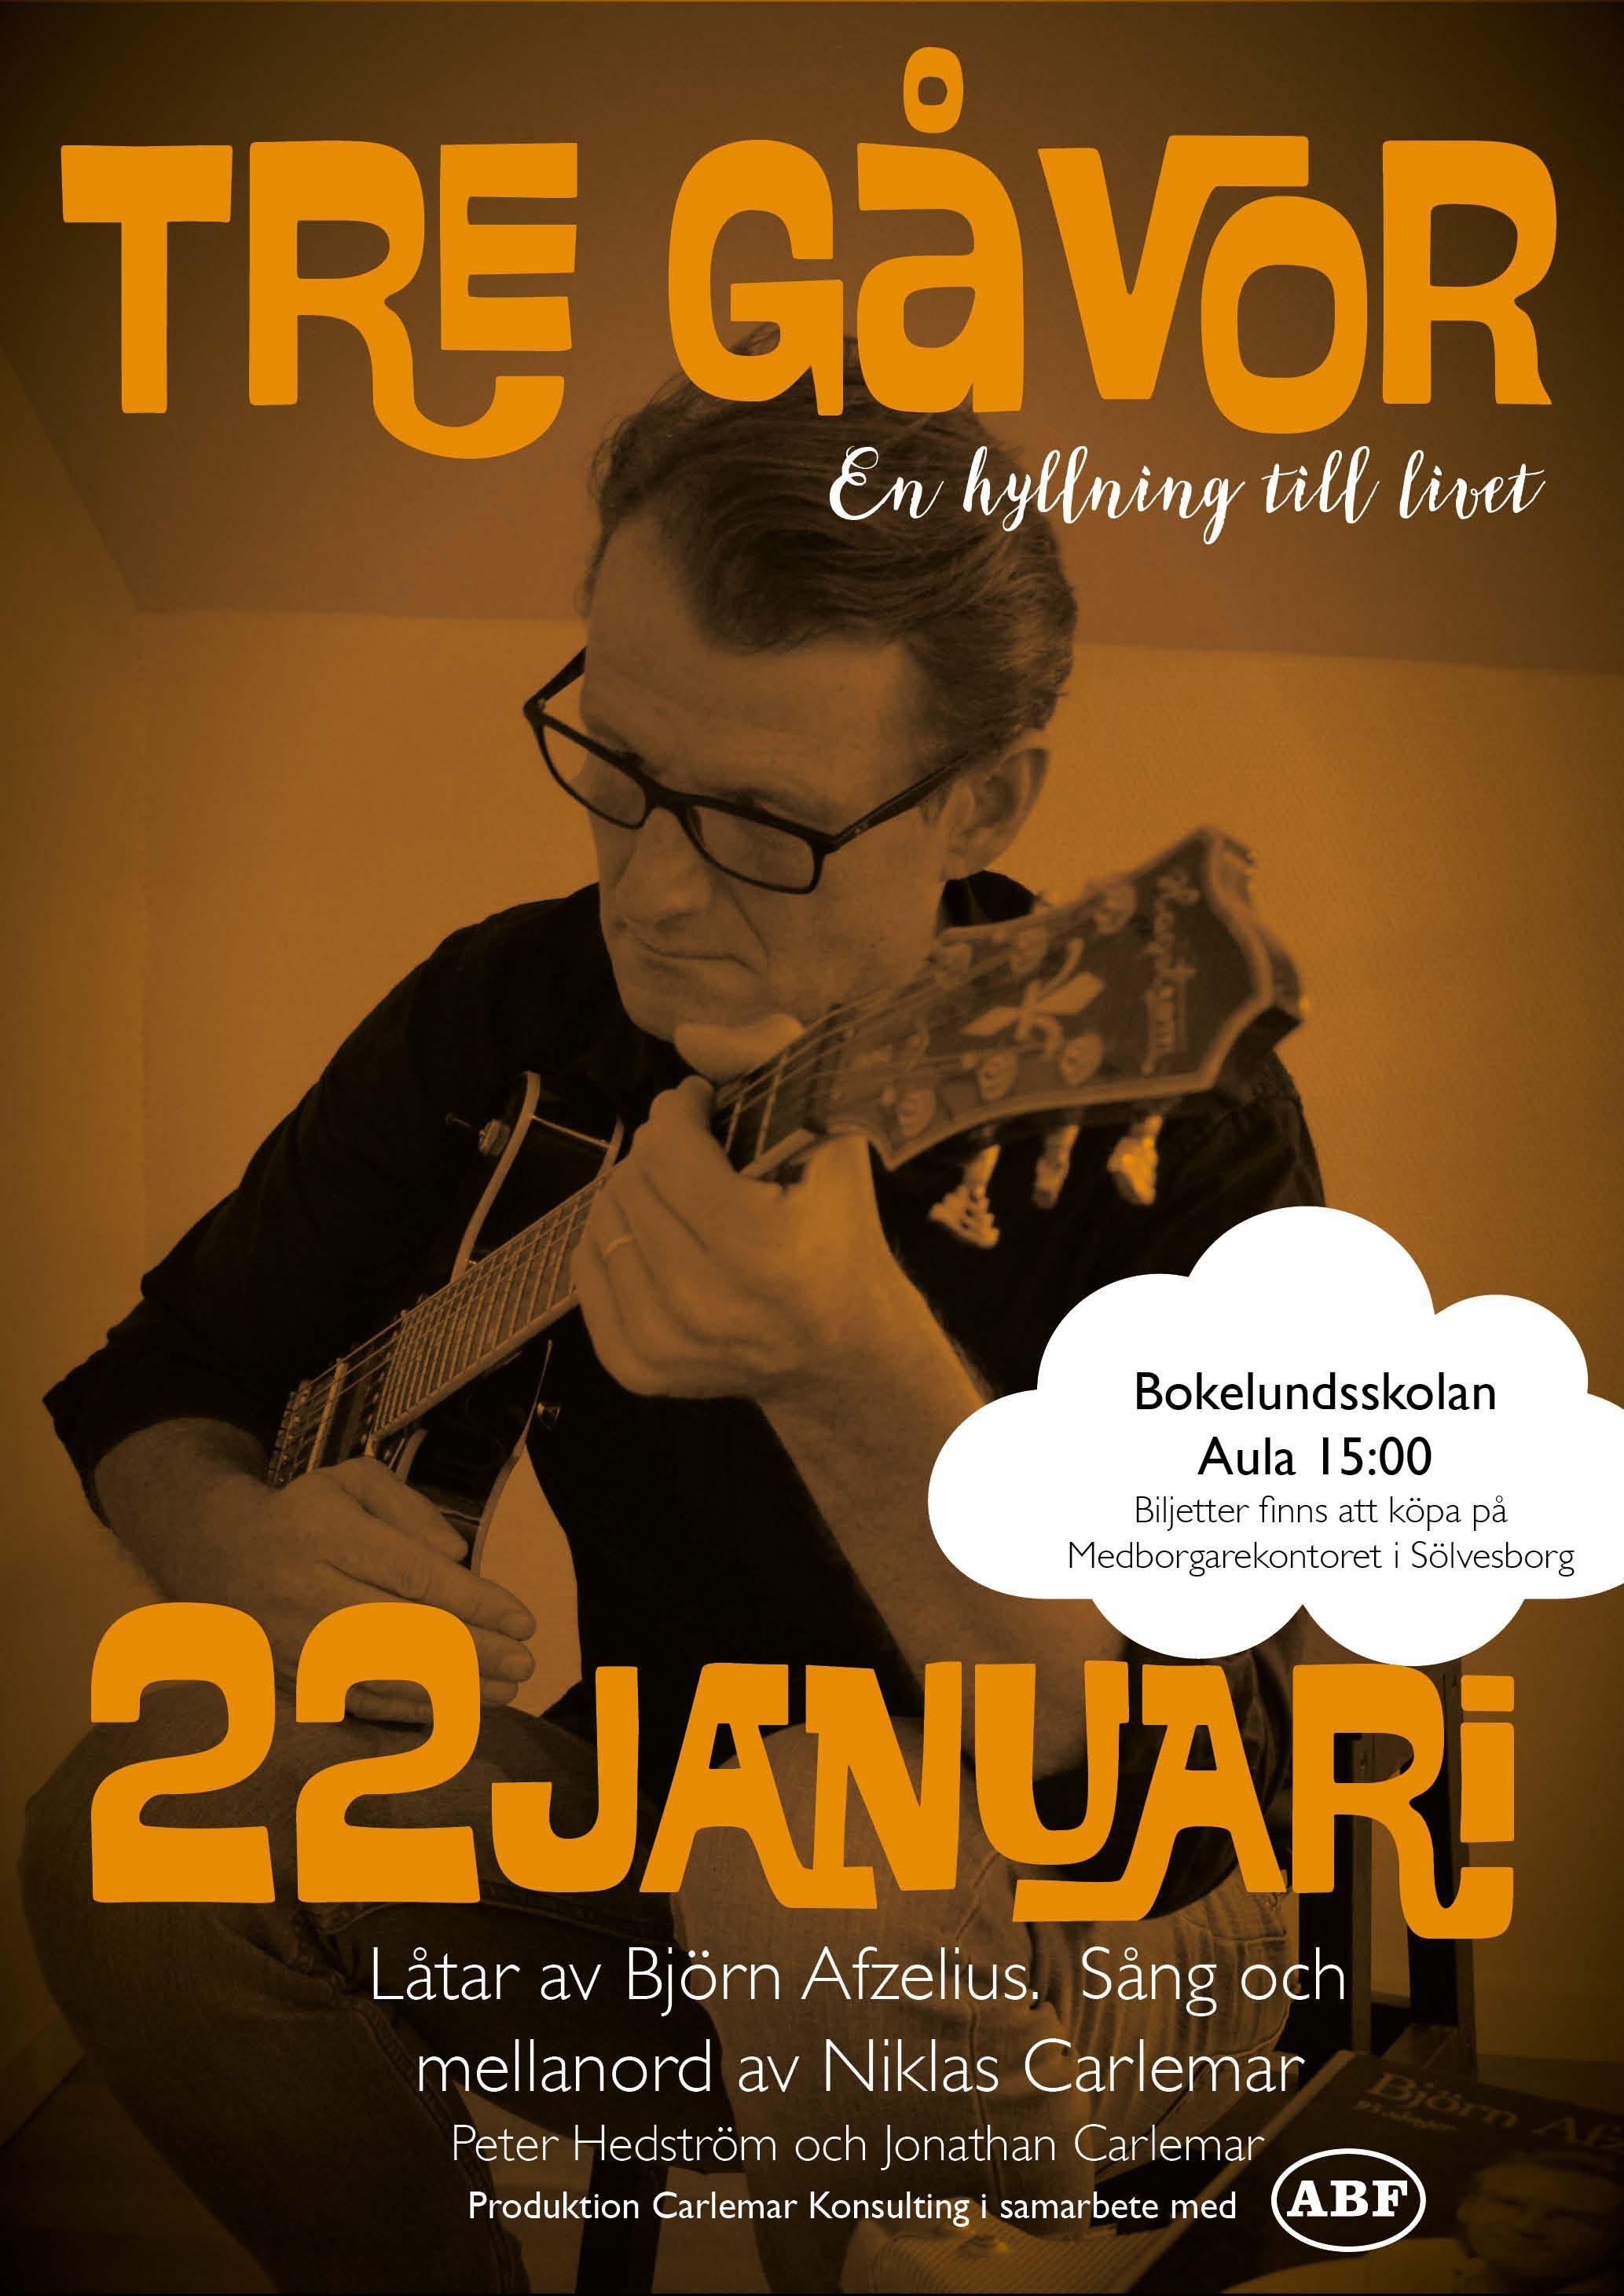 Tre gåvor - En hyllningskonsert till Björn Afzelius och livet